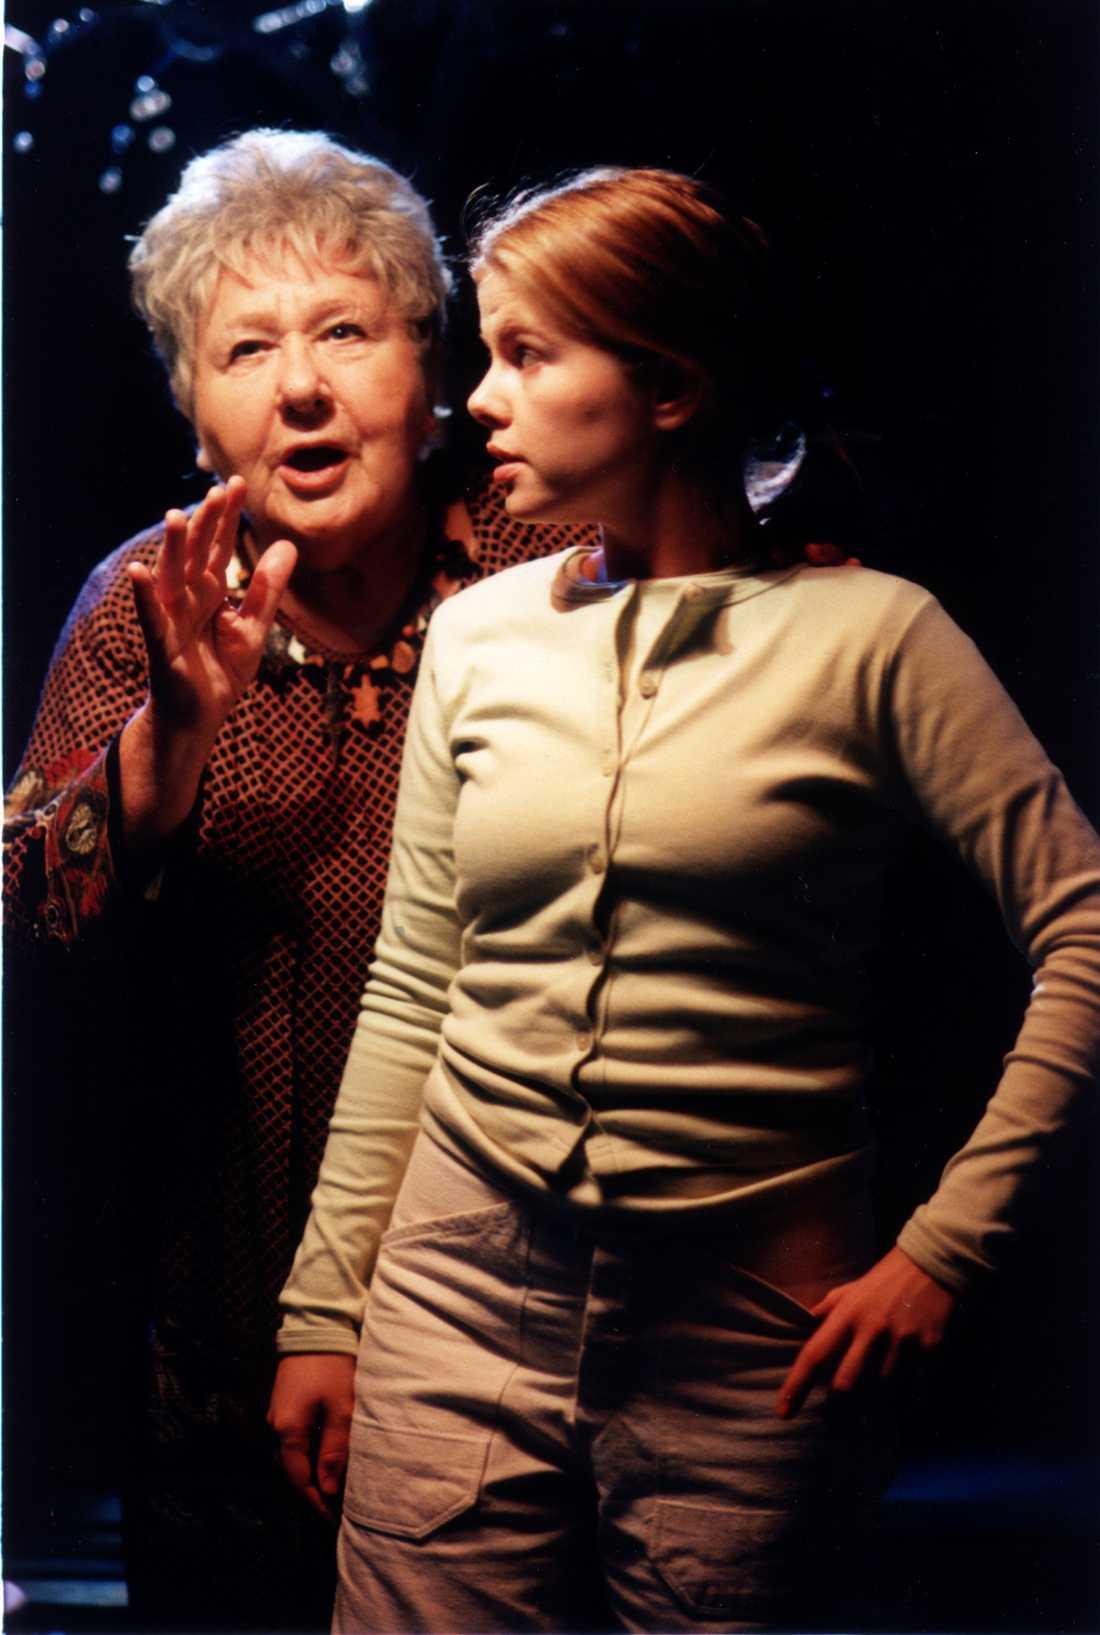 1995: Silver star På teaterscenen tillsammans med Anna Björk.